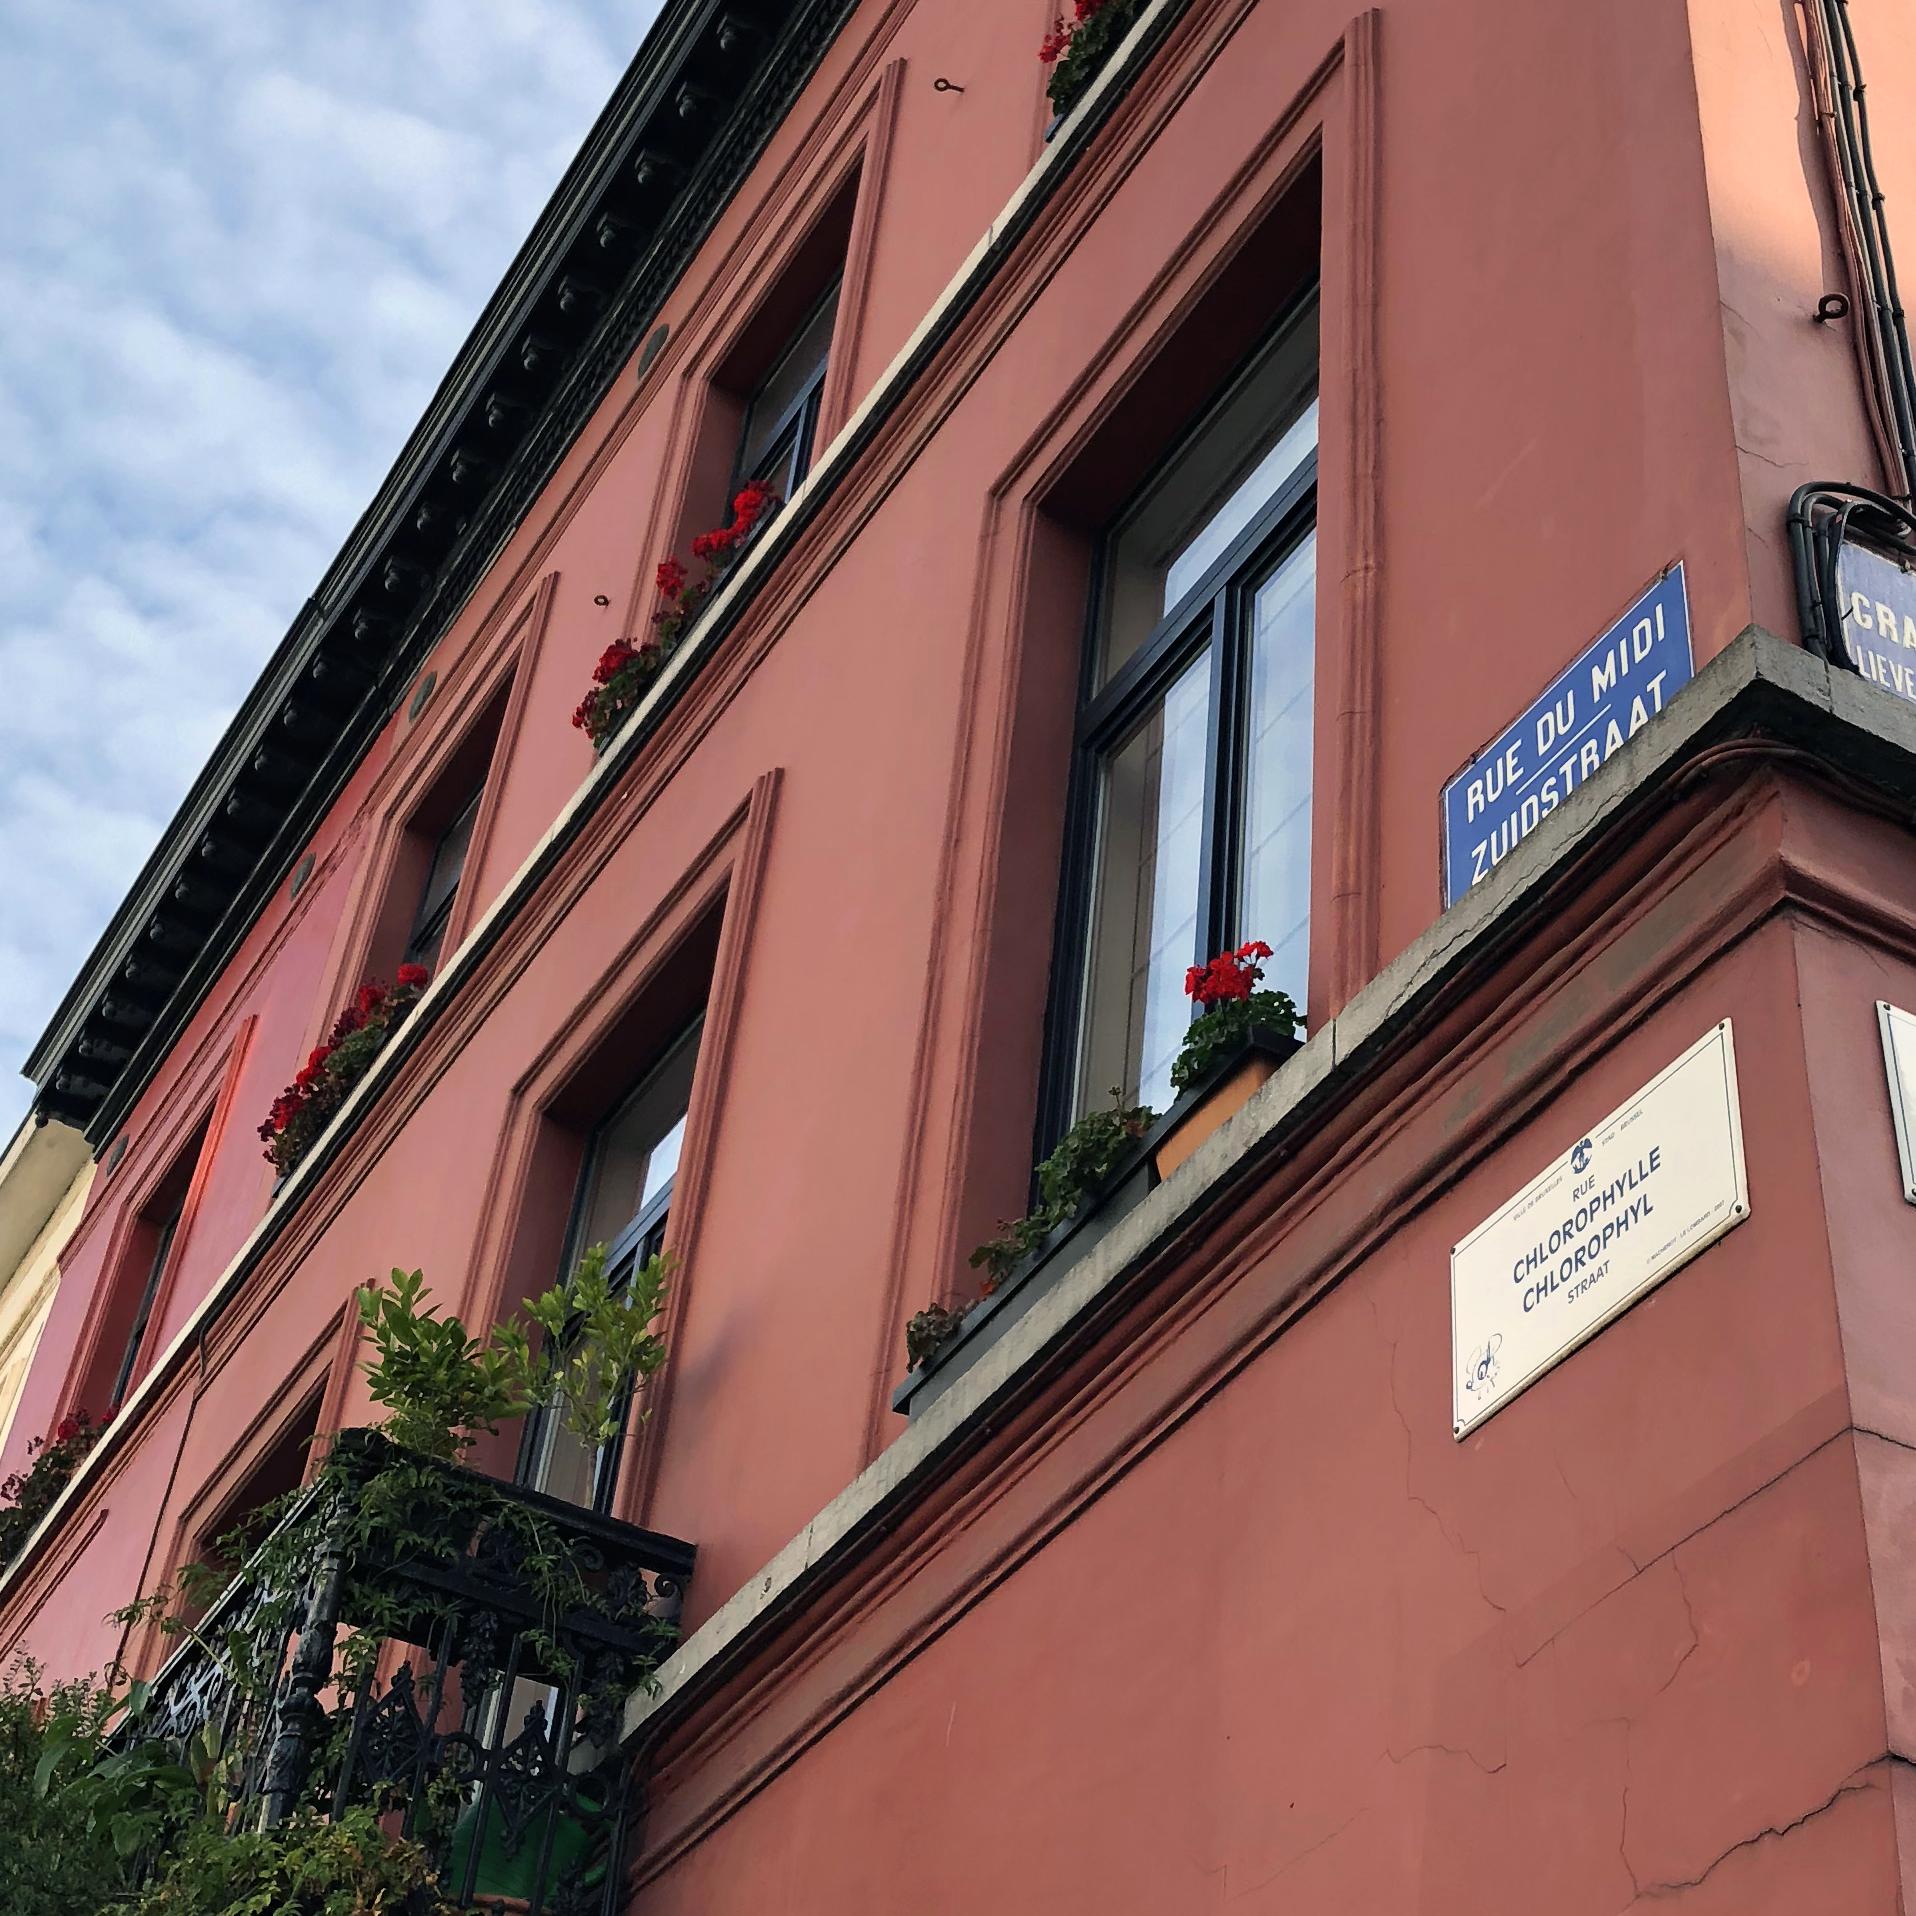 Kurt Writes Things - Bilingual Signs In Brussels, Belgium.jpg